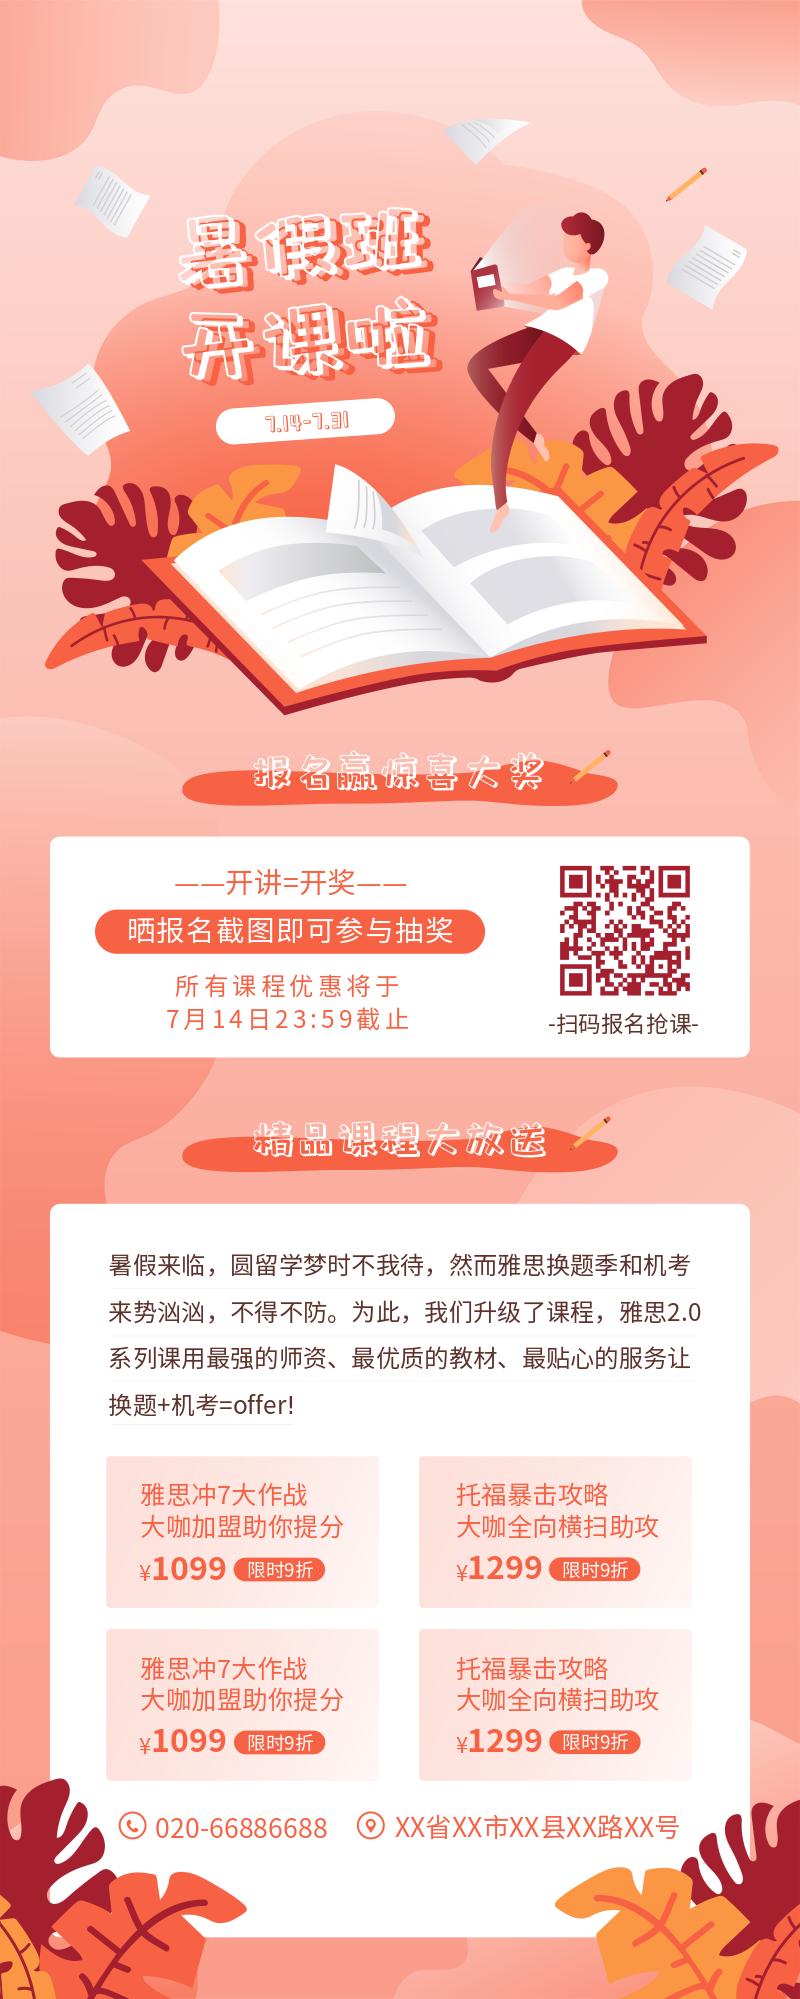 插画风暑假培训班招生宣传活动易拉宝